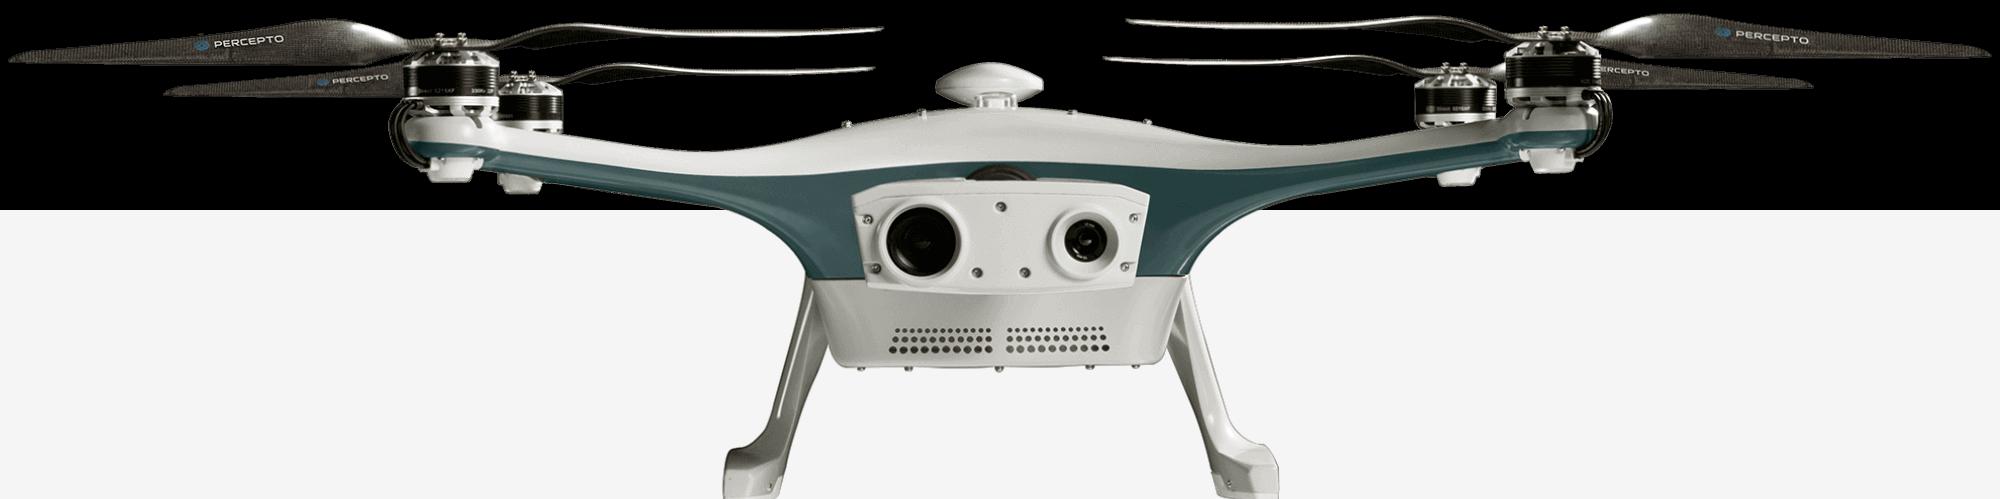 Sparrow Drone